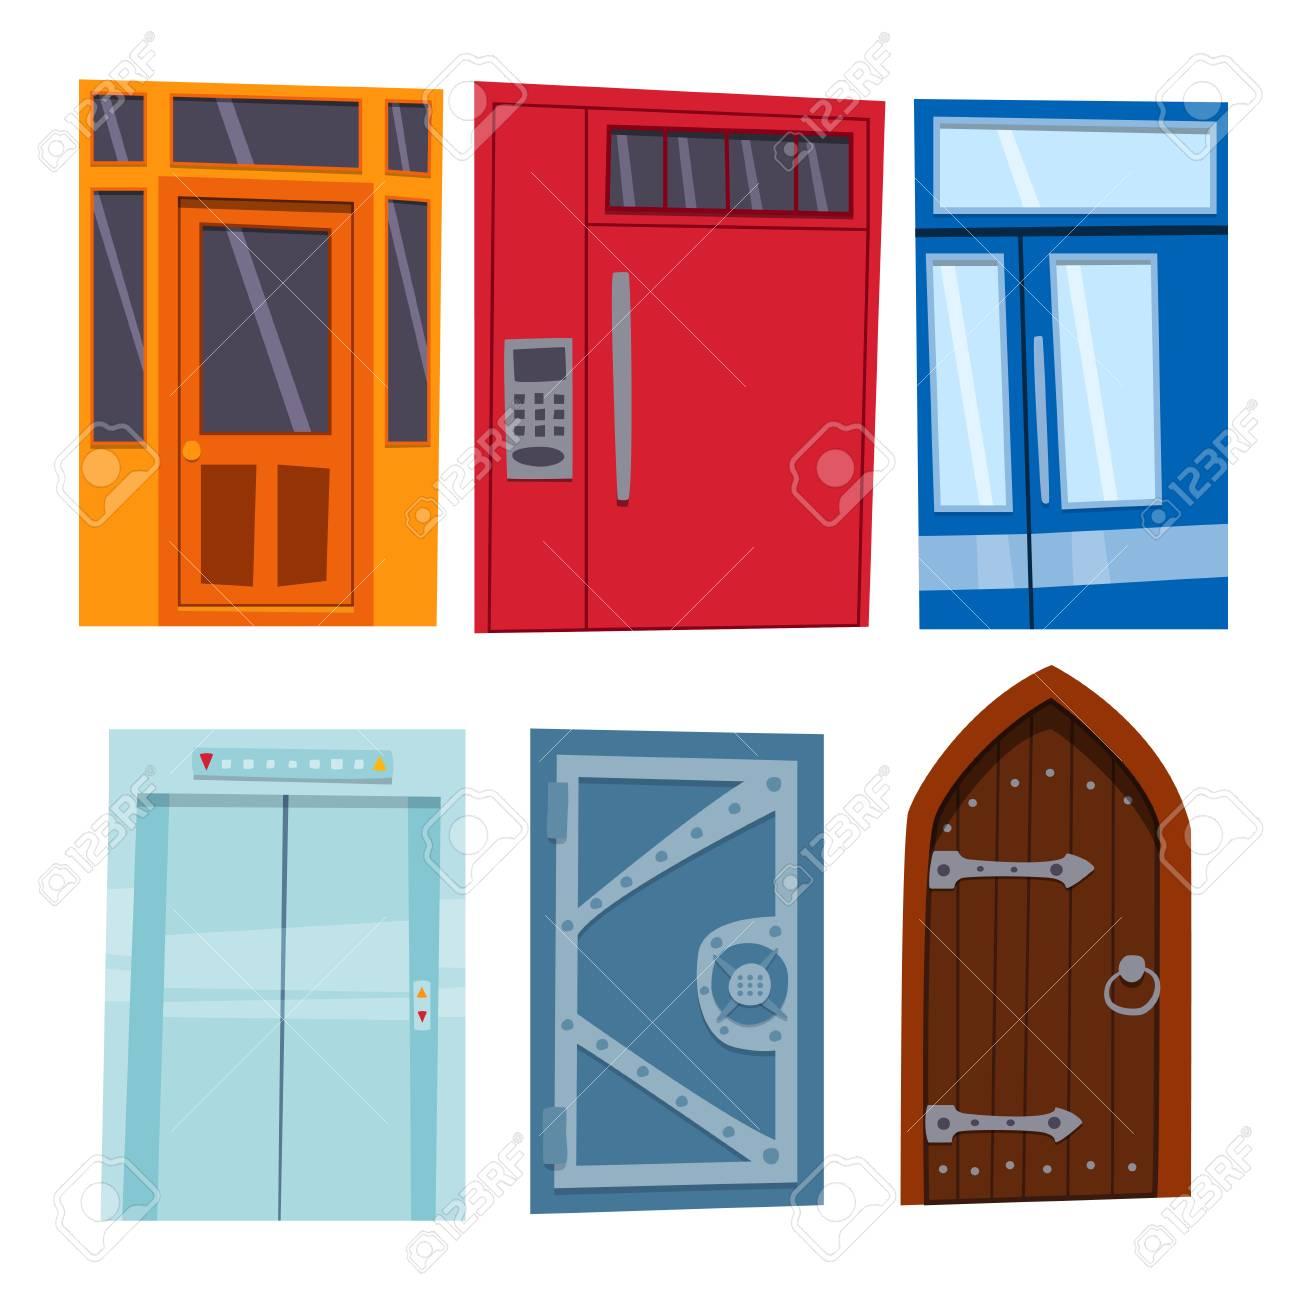 Geräumig Deko Vor Der Haustür Modern Sammlung Von Farbe Tür Zu E Und Gebäude Flache